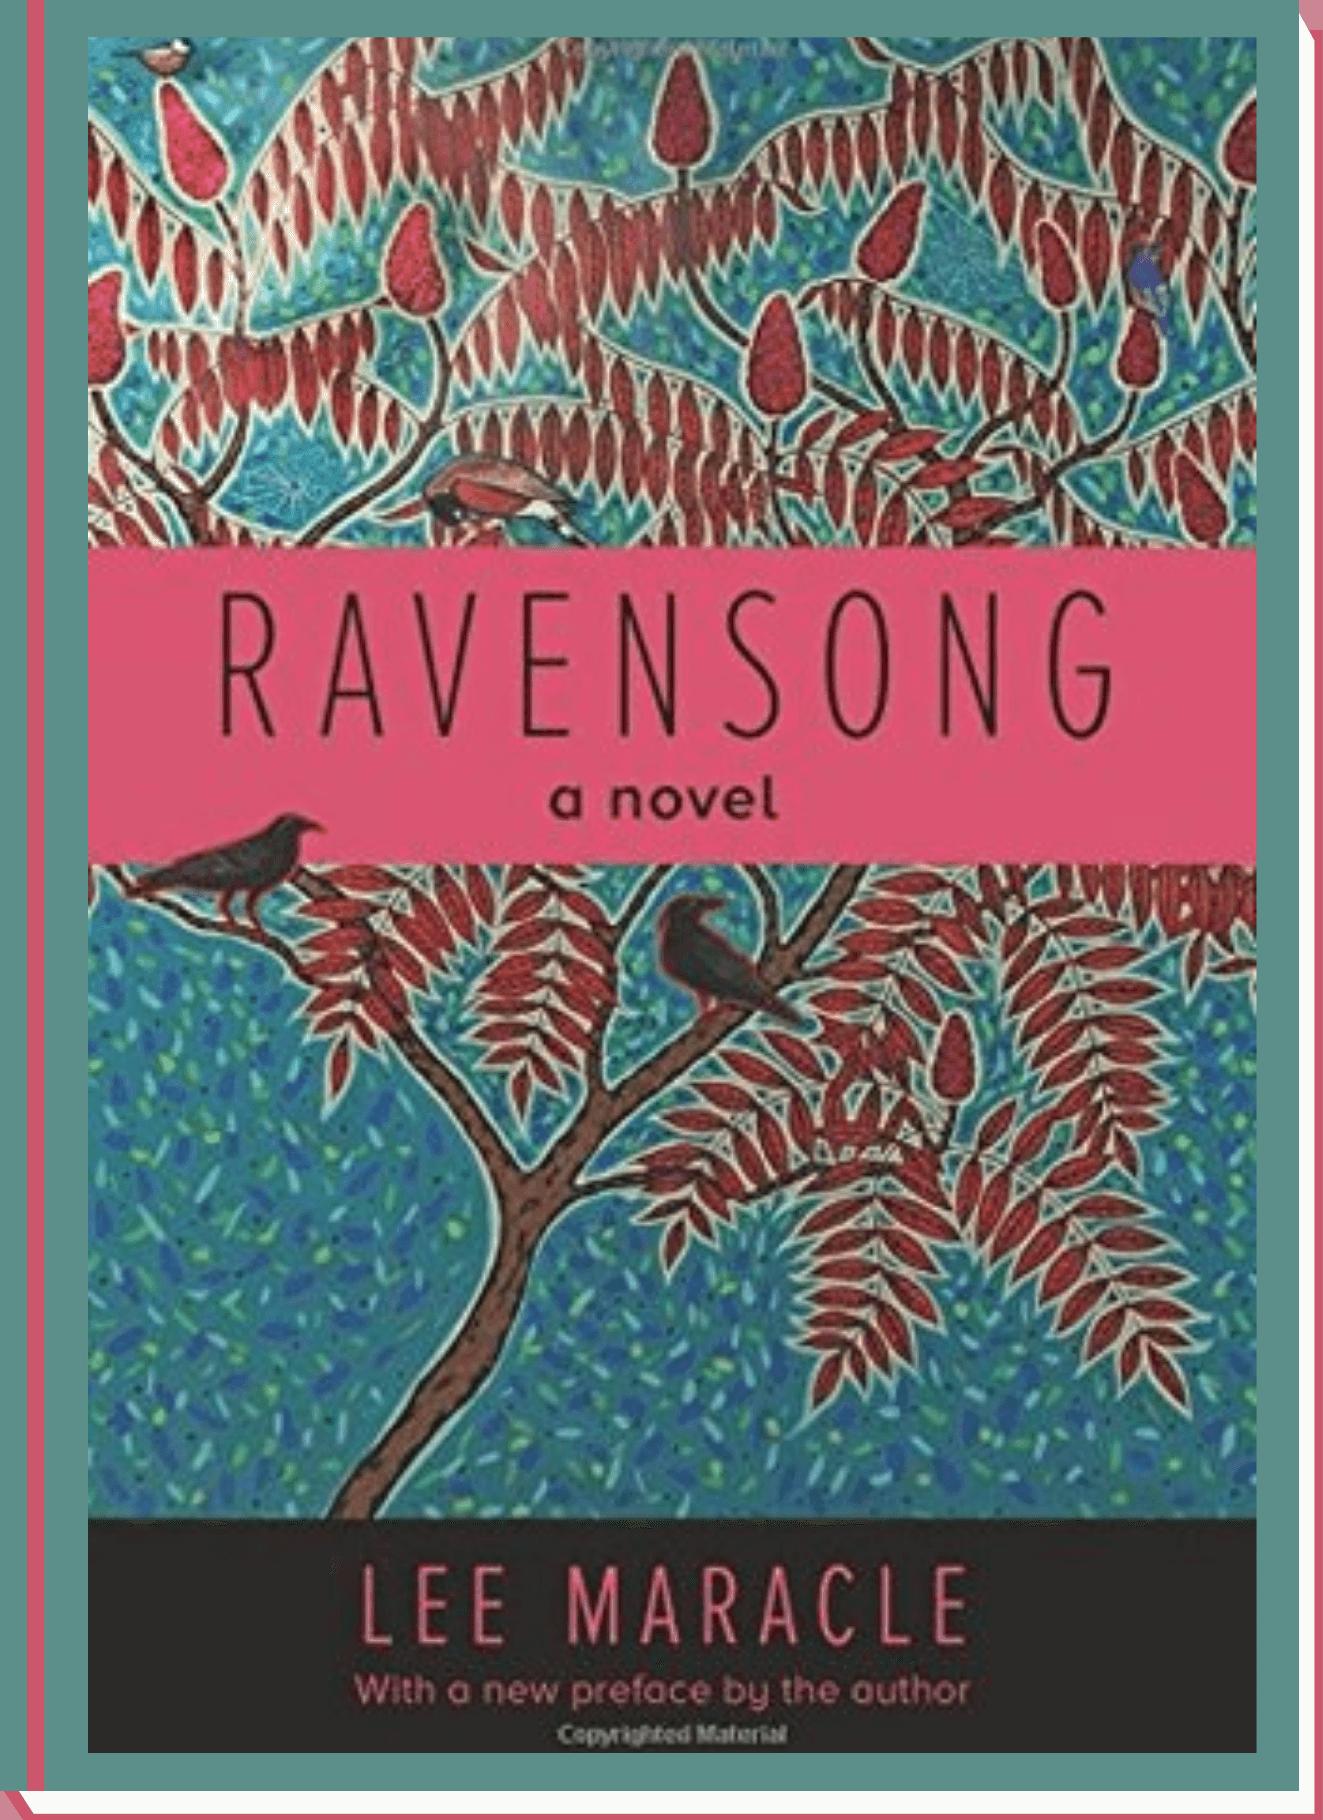 Ravensong - A Novel by Lee Maracle